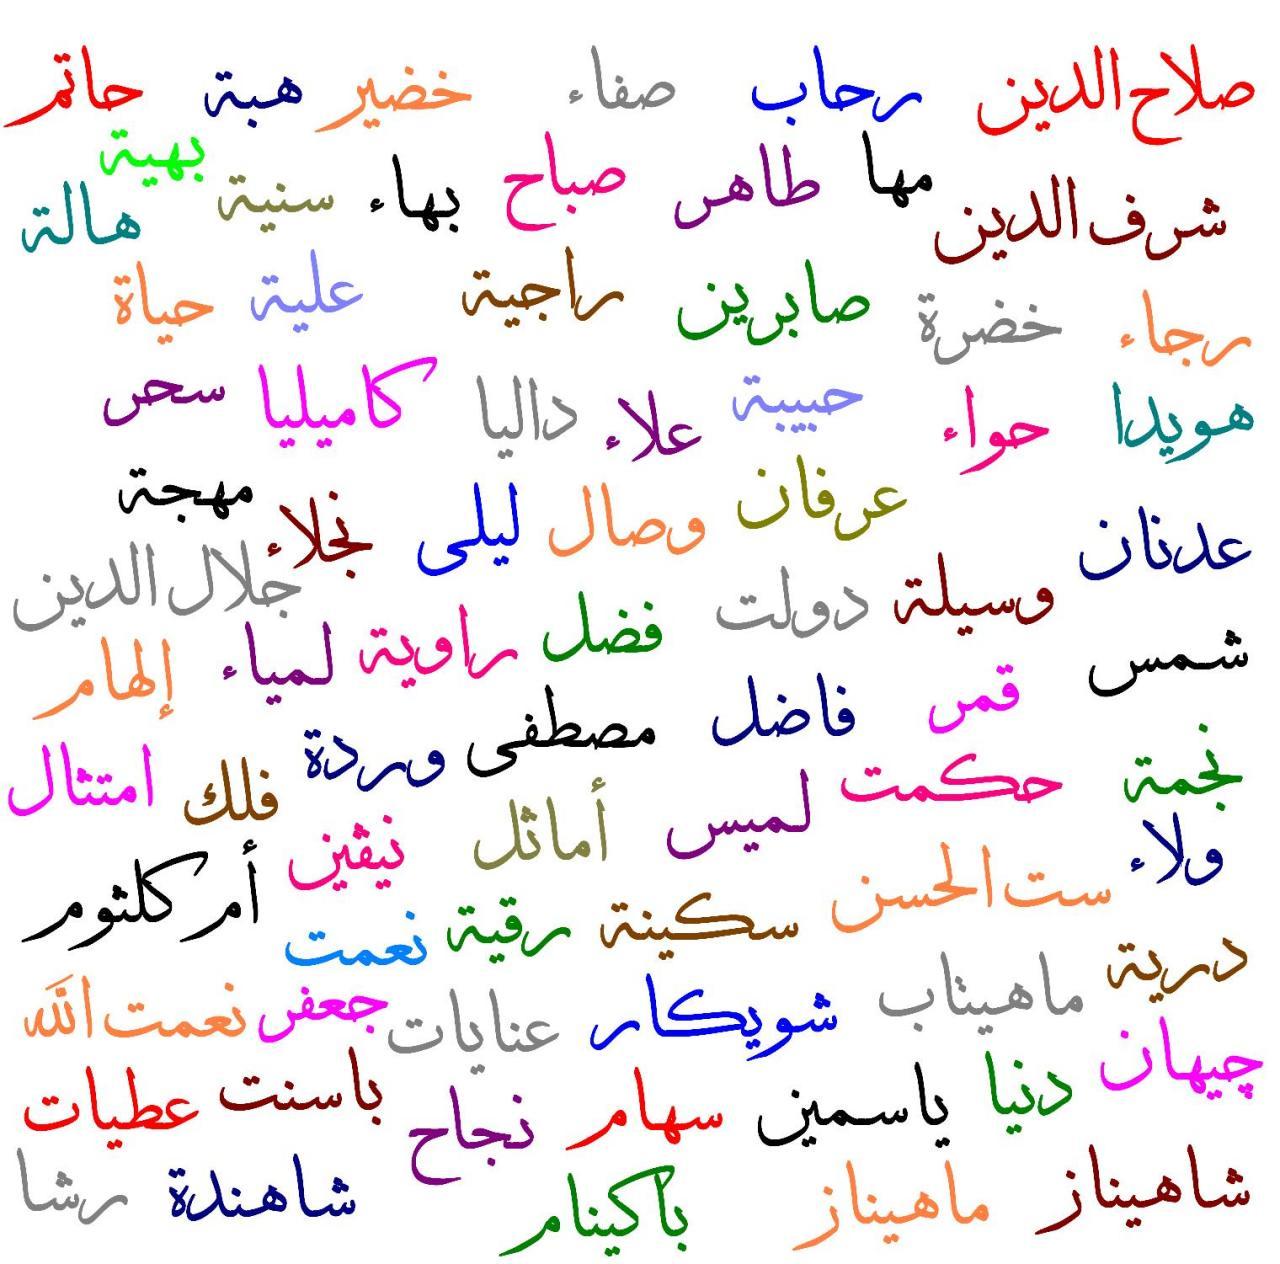 صورة معنى الاسماء البنات , صفات اسماء البنات